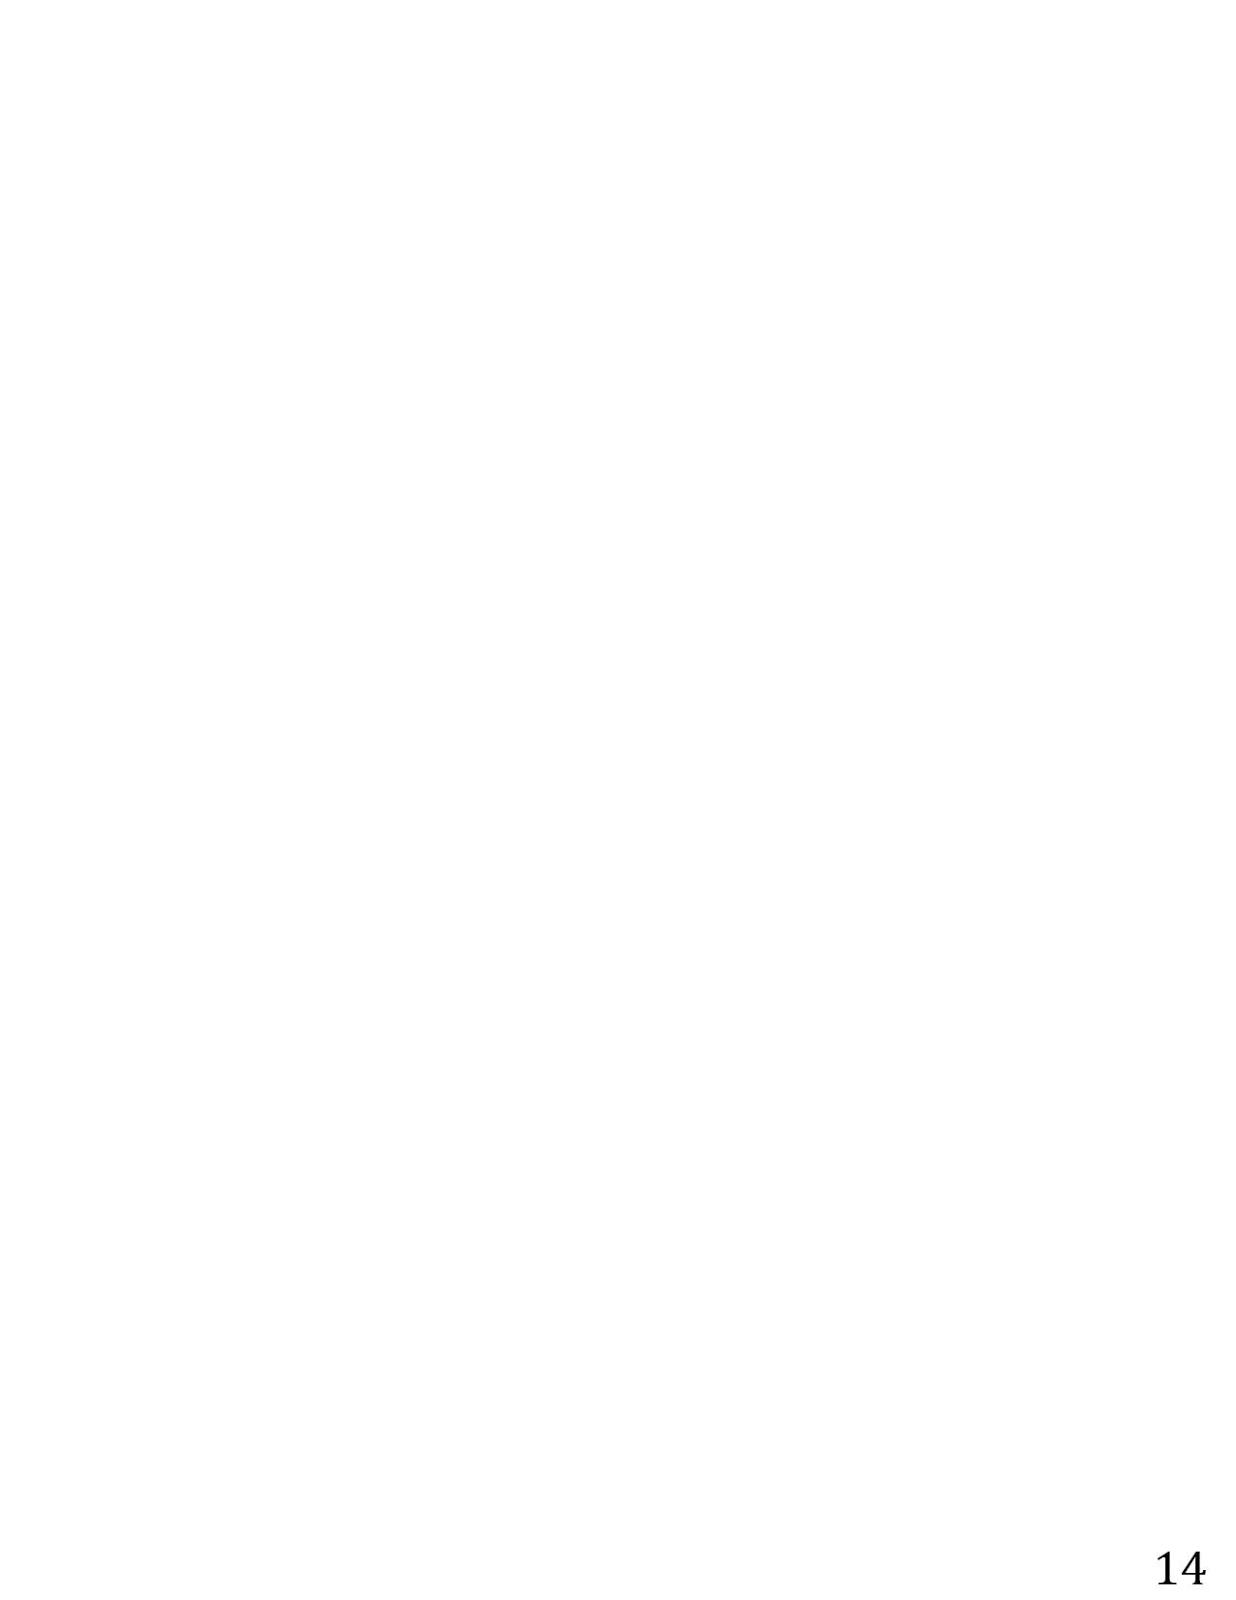 Examen 1er grado Bloque 4 2014-2015 pag 14